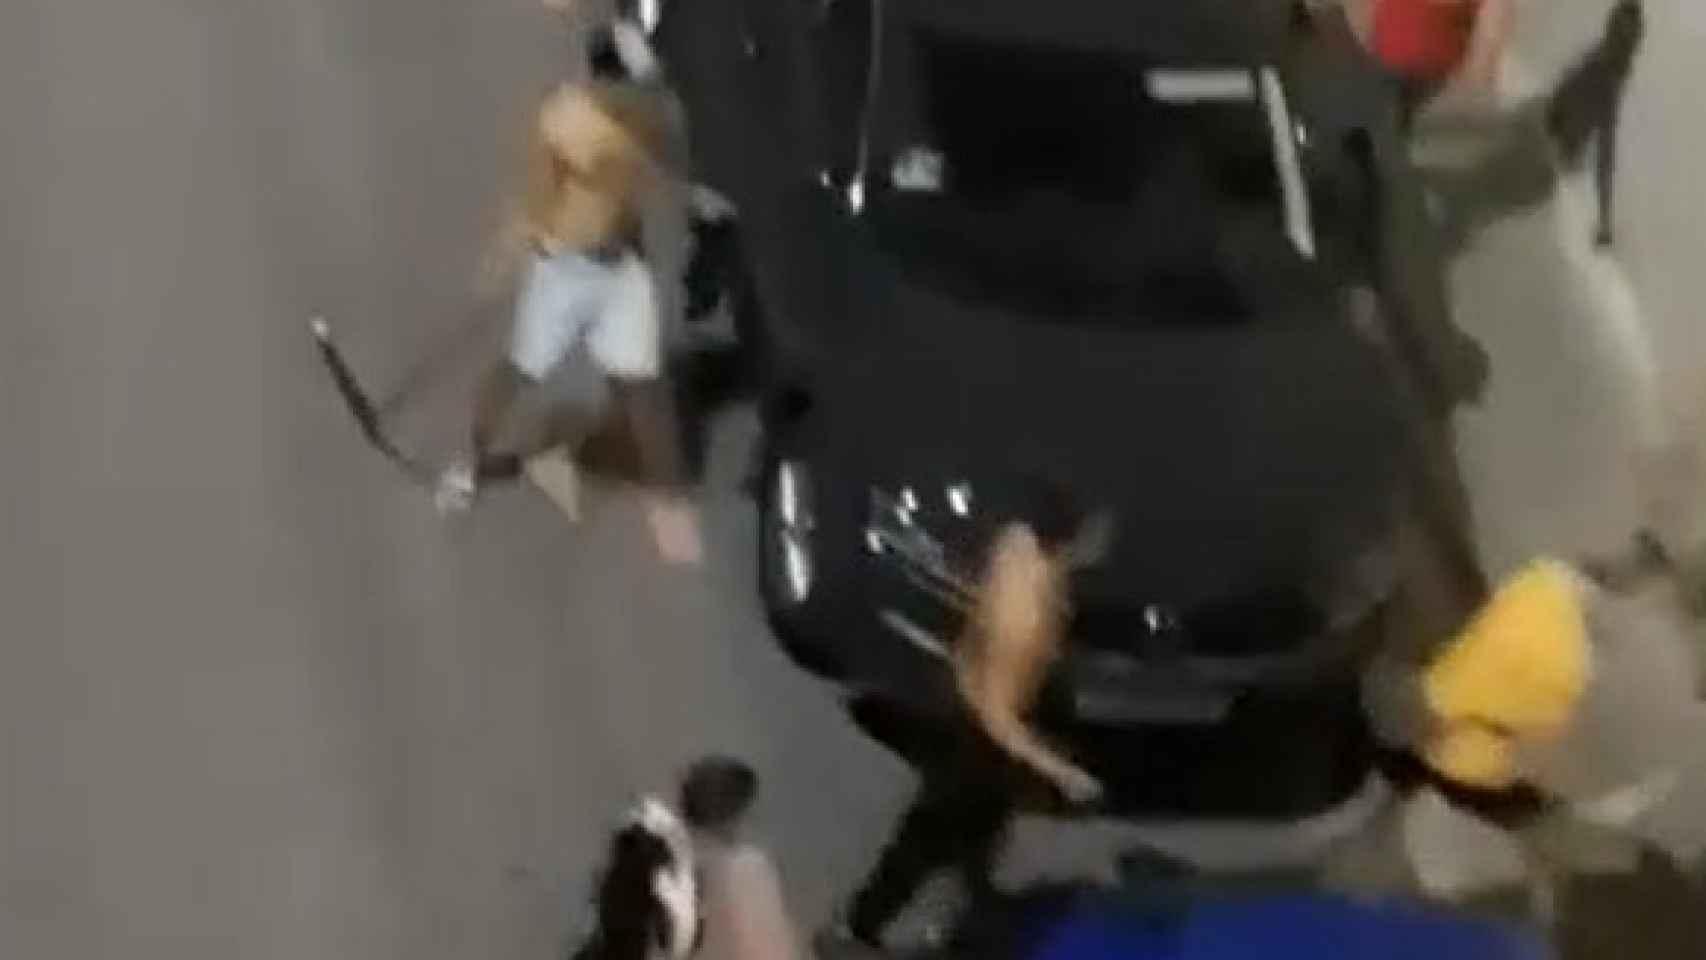 Vídeo vecinal de la reyerta con palos en Alicante ciudad